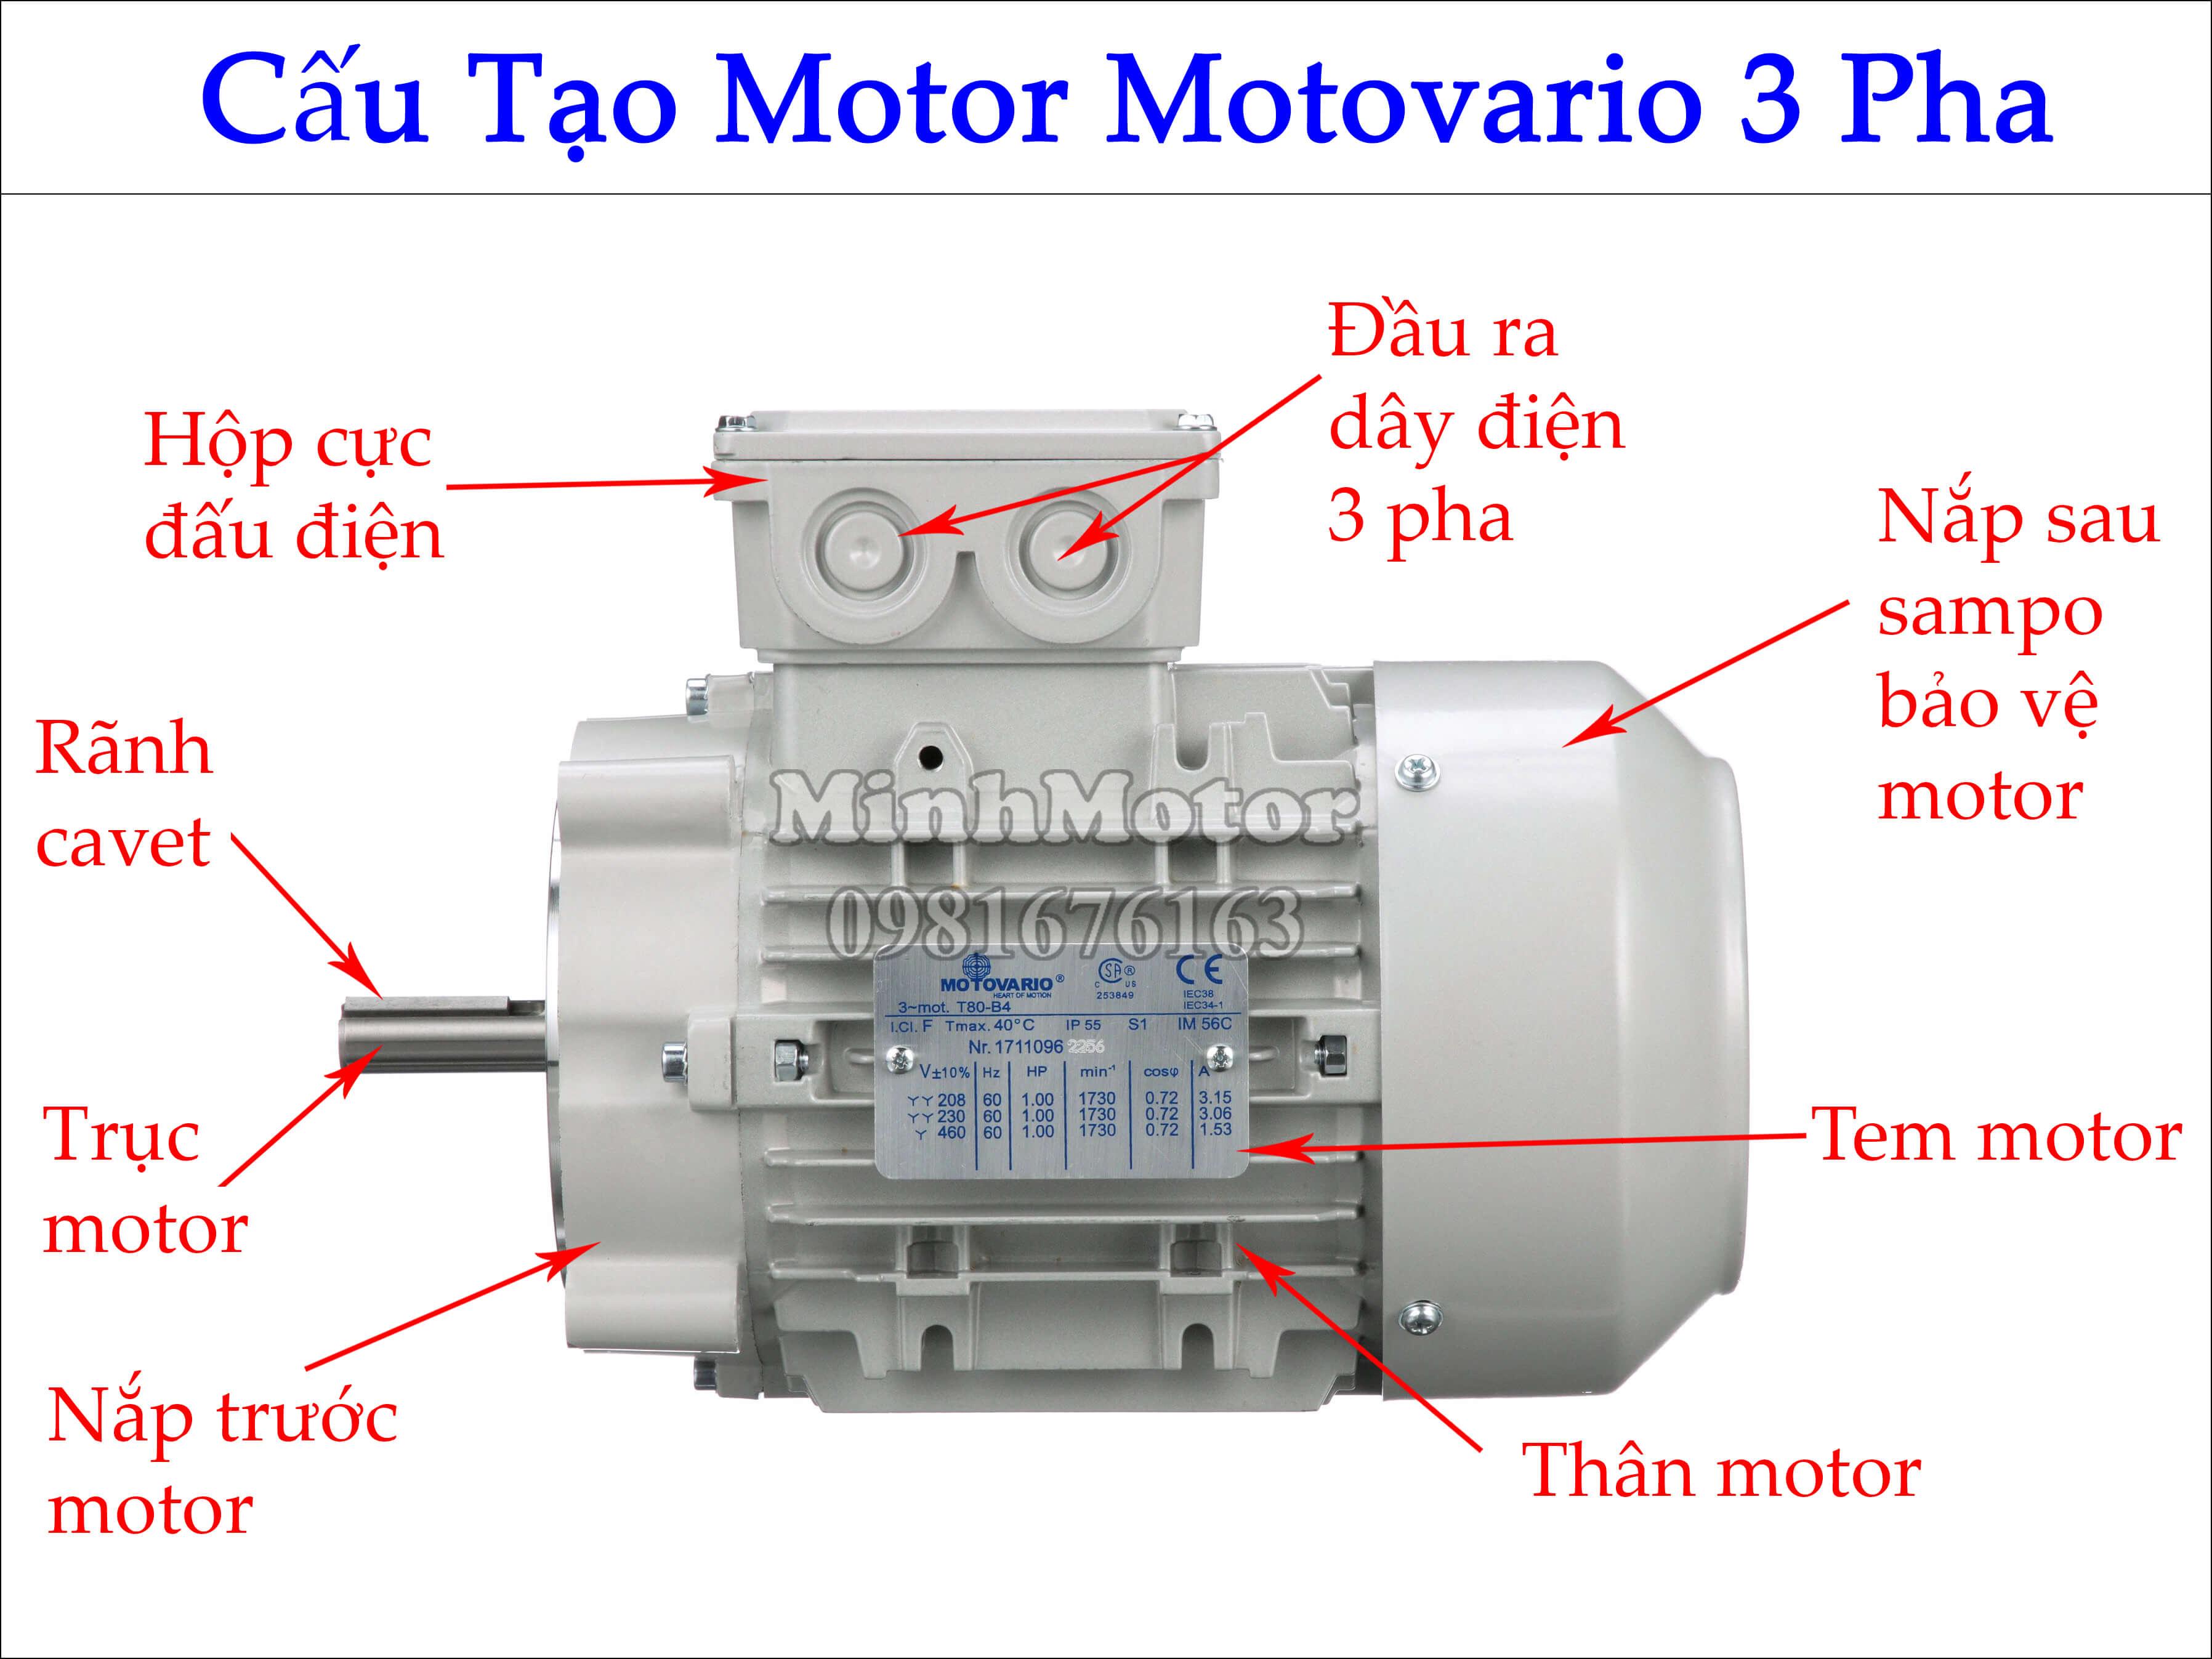 Top 5 loại Động Cơ Motovario Chính Hãng Bán Chạy Nhất Việt Nam và Châu Âu